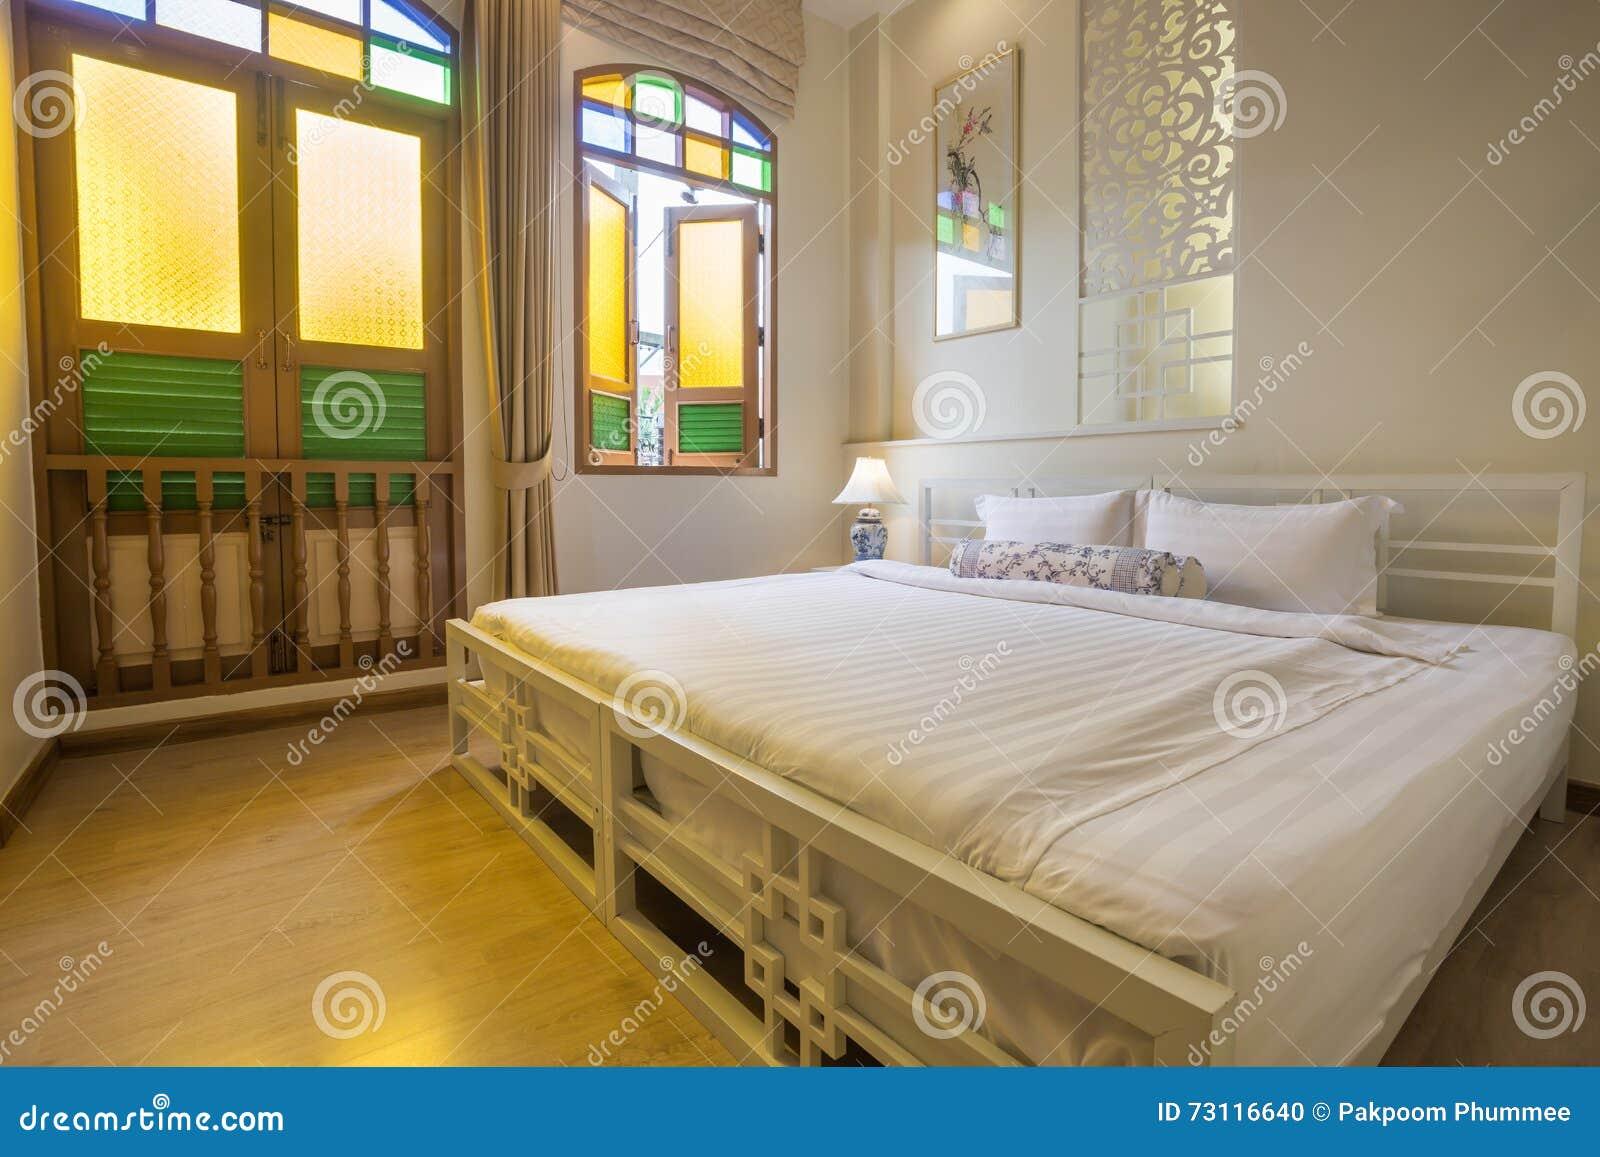 Abstracte Slaapkamer In Warme Lichte Kleuren Groot Comfortabel ...